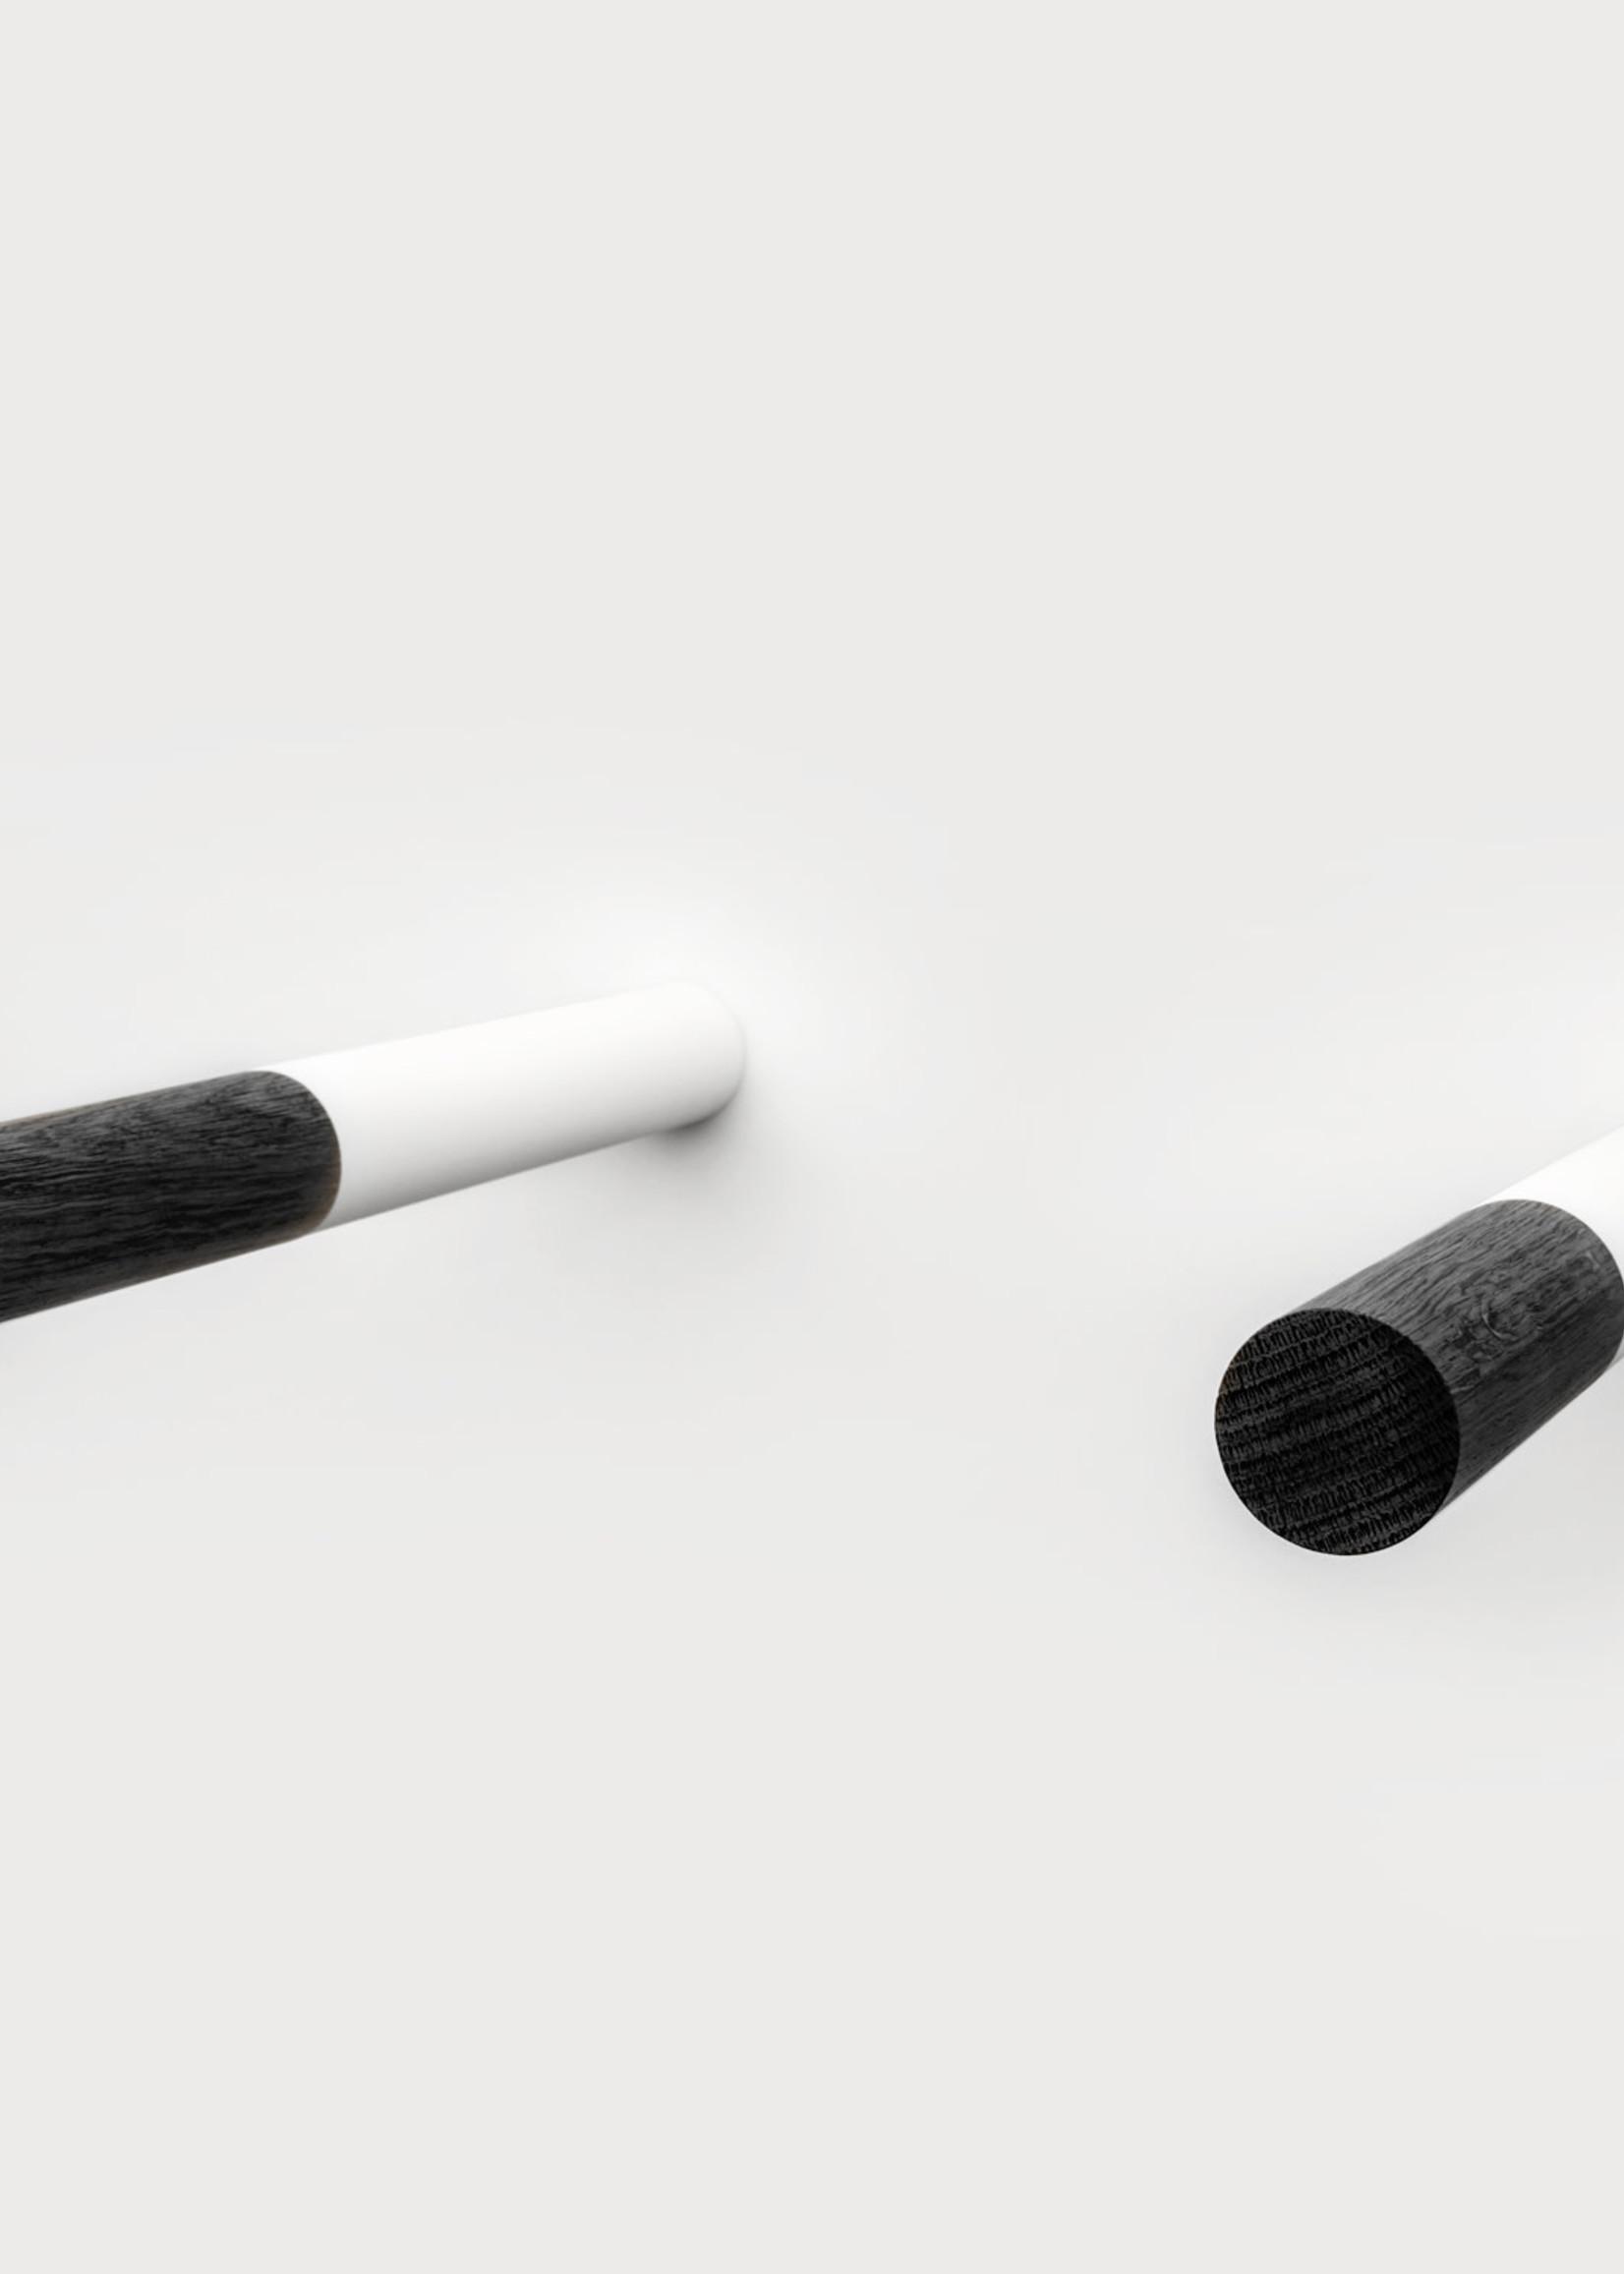 Macmilano Duetto Wood Black